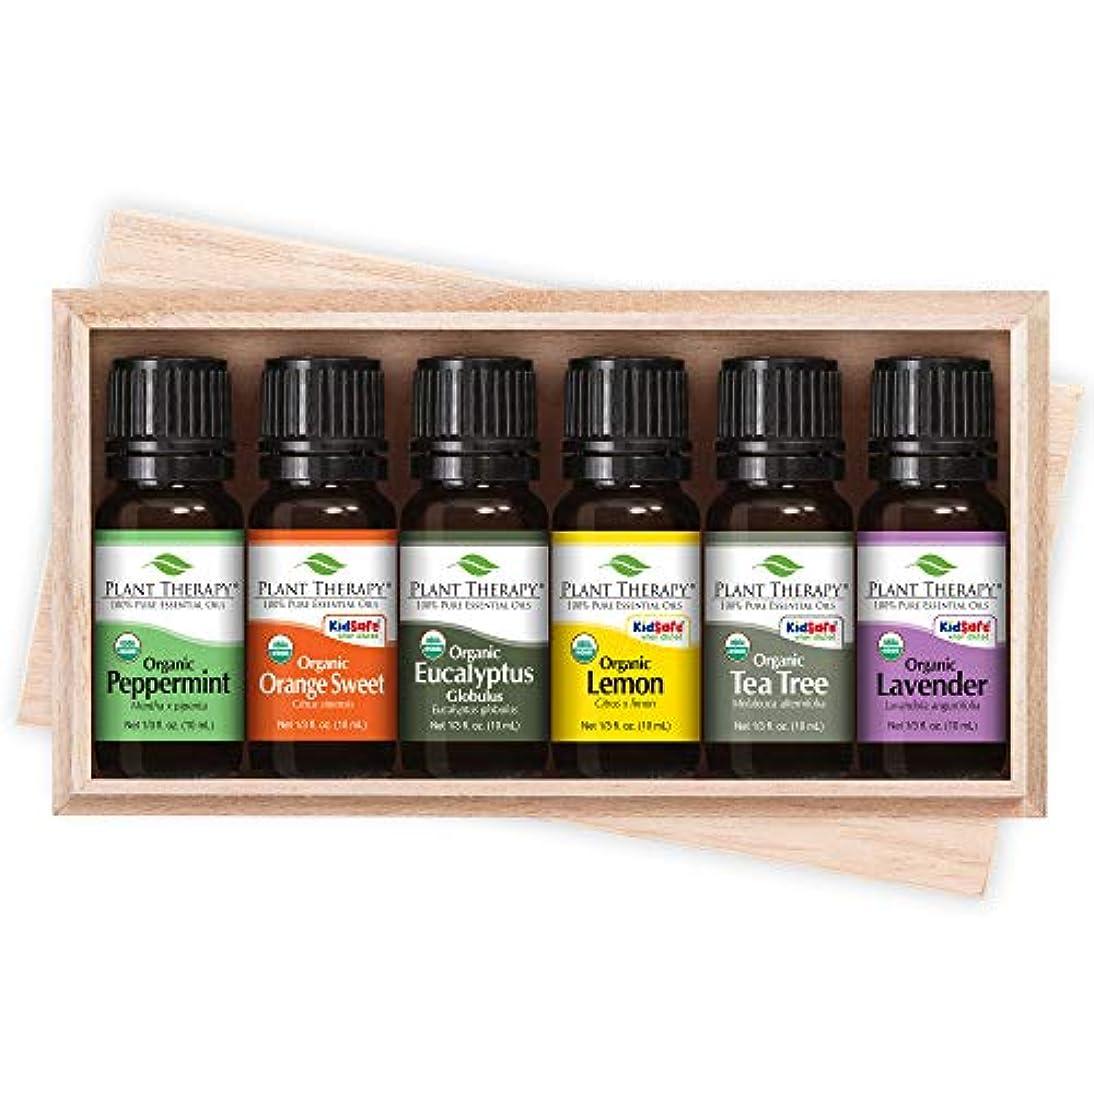 植物セラピートップ6 USDA認定オーガニックエッセンシャルオイルを設定します。含まれるもの:ユーカリ、ラベンダー、オレンジ、ペパーミント、レモンやティーツリーを。 10mLの(1/3オンス)それぞれ。